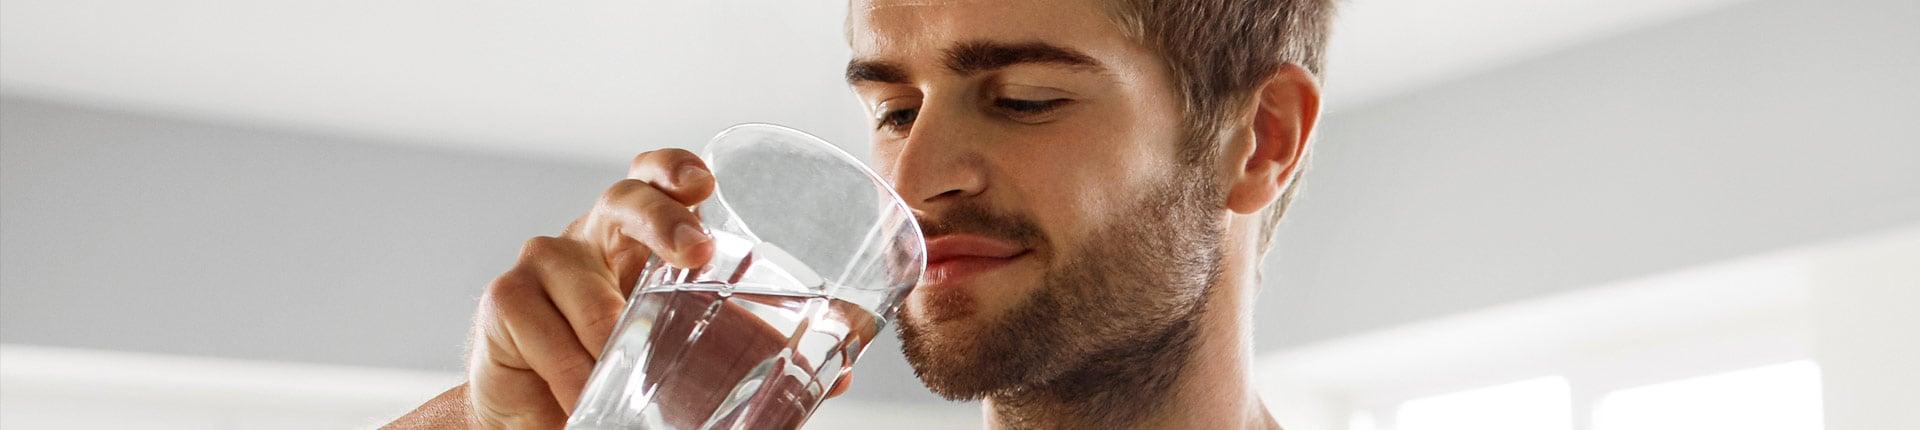 Czy musisz pić 8 szklanek wody dziennie? Ile wody potrzebujesz